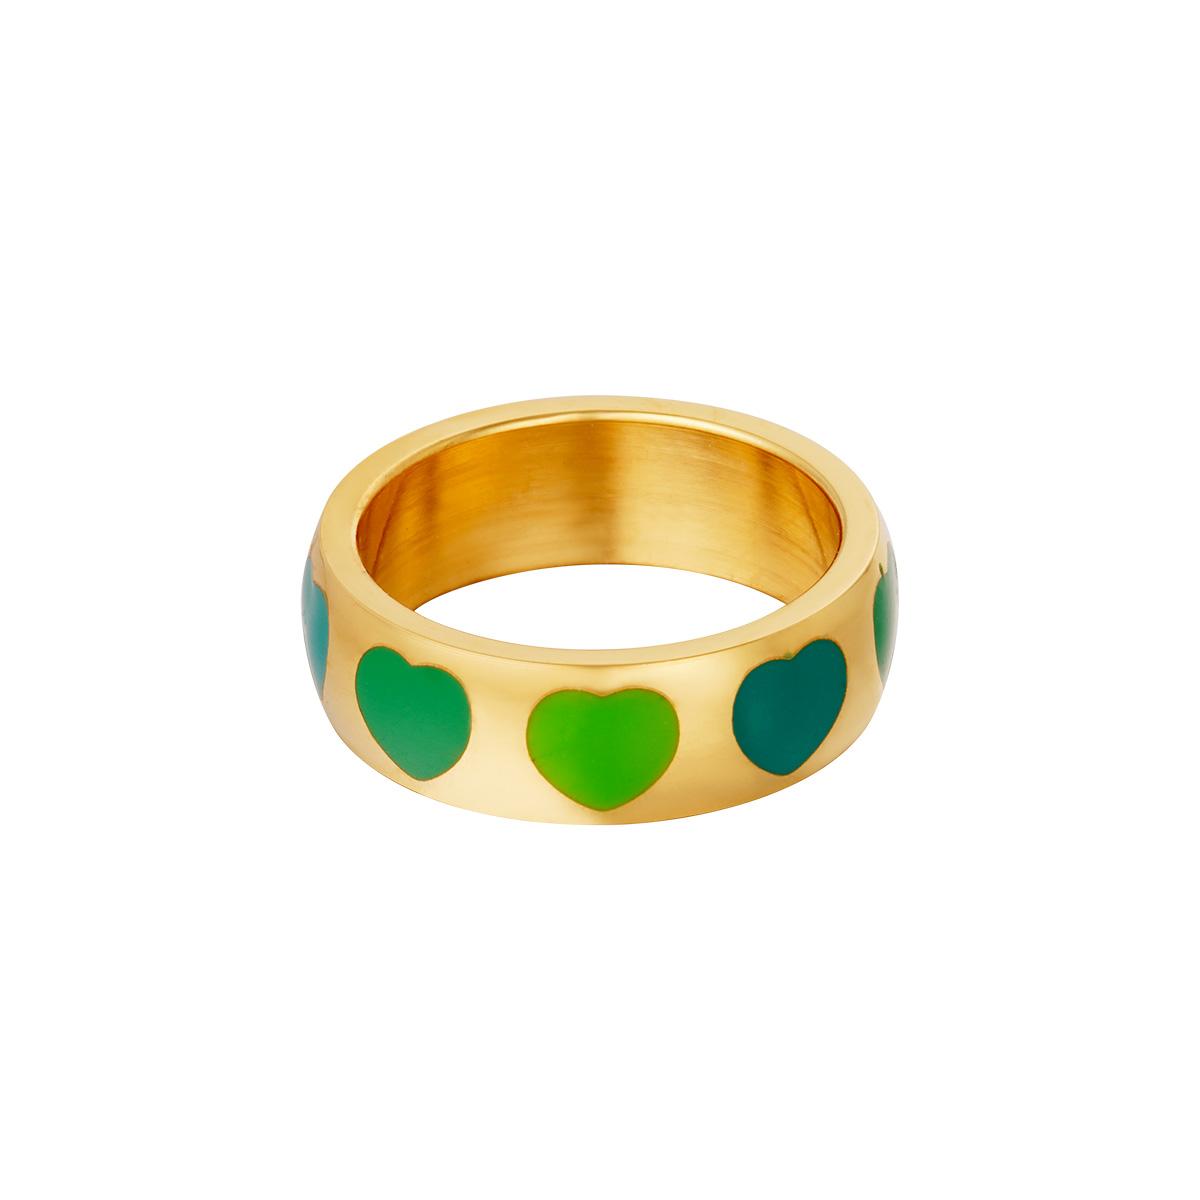 RVS Ring Colorful Hearts gouden ringen met groen blauw hartjes fashion sieraden bestellen kopen